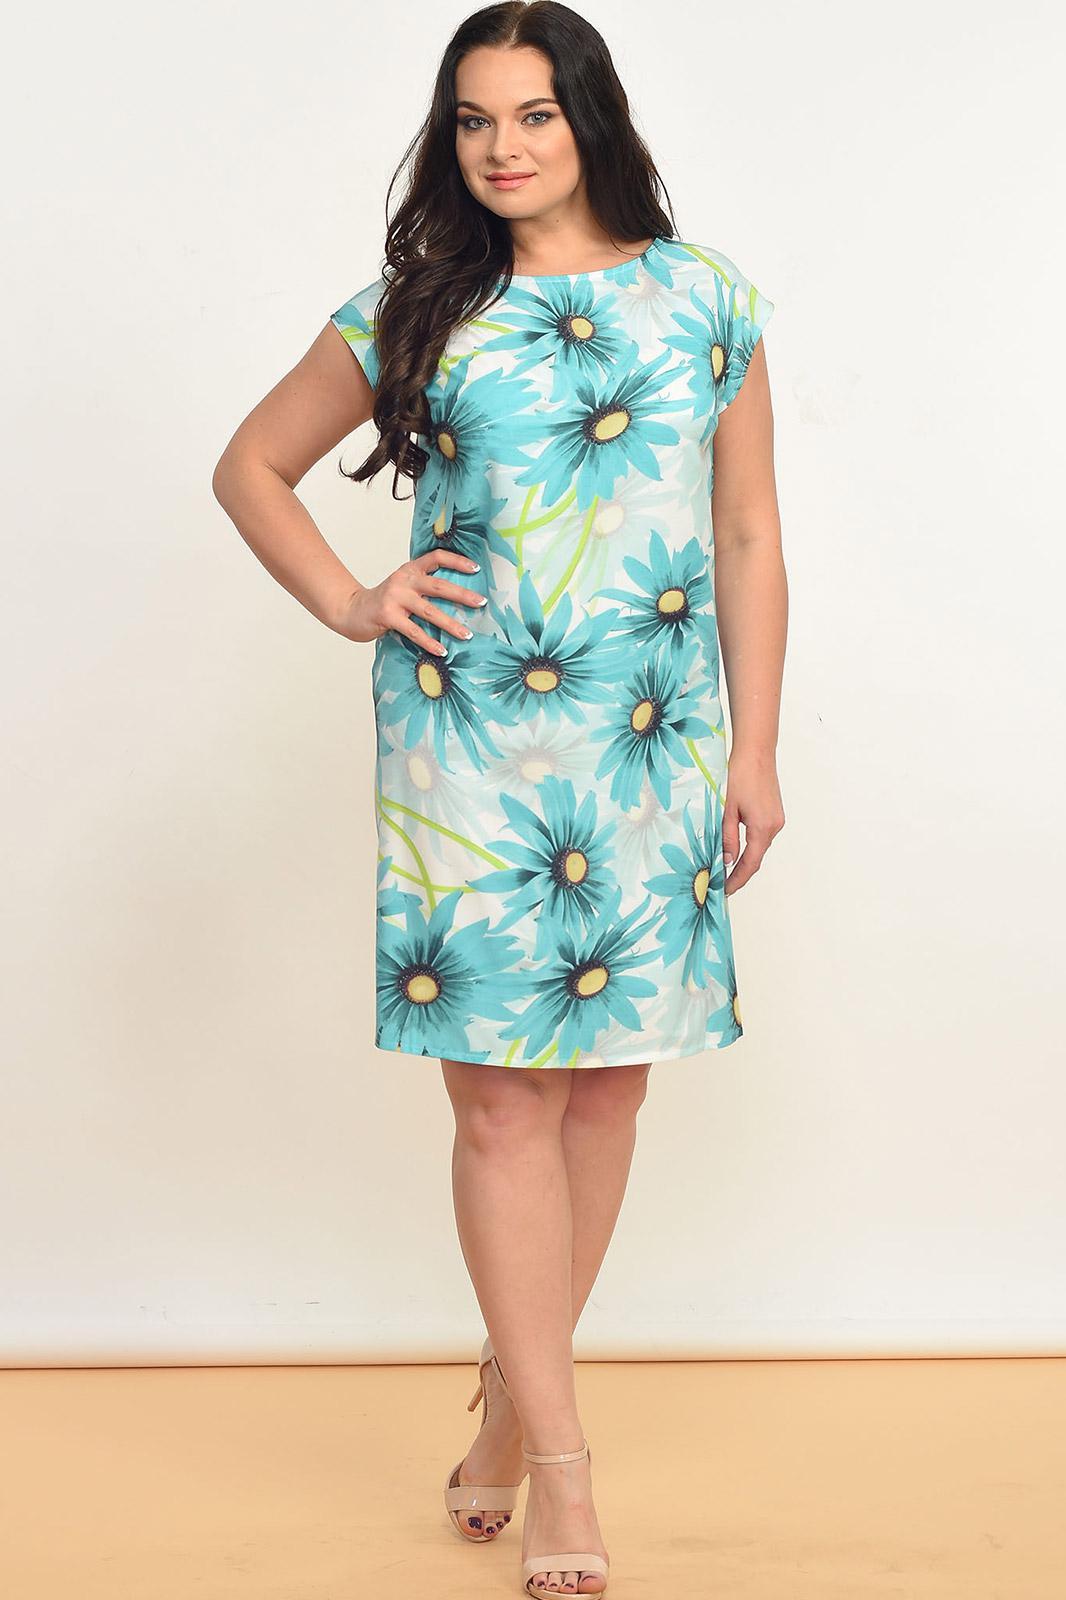 Купить Платье Lady Style Classic, 935 Мятный+цветы и полоска, Беларусь